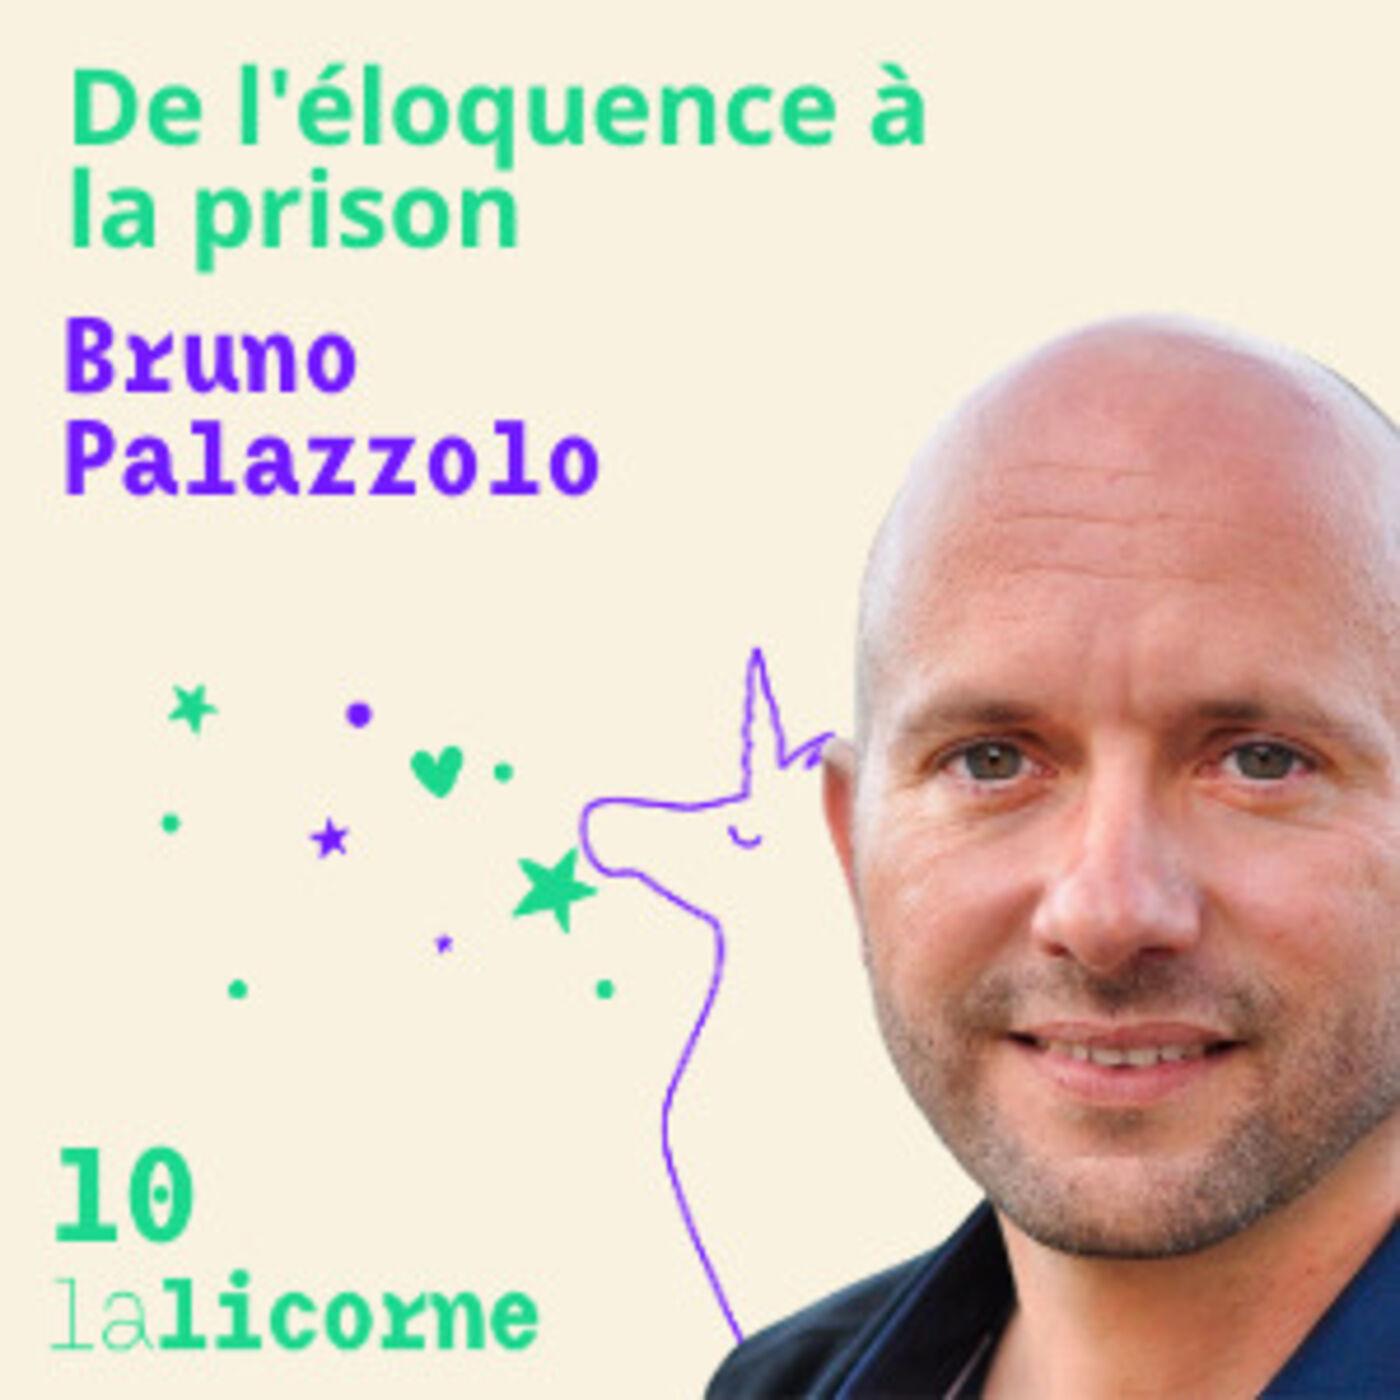 Episode 11 🗣 Bruno Palazzolo - De l'éloquence à  la prison